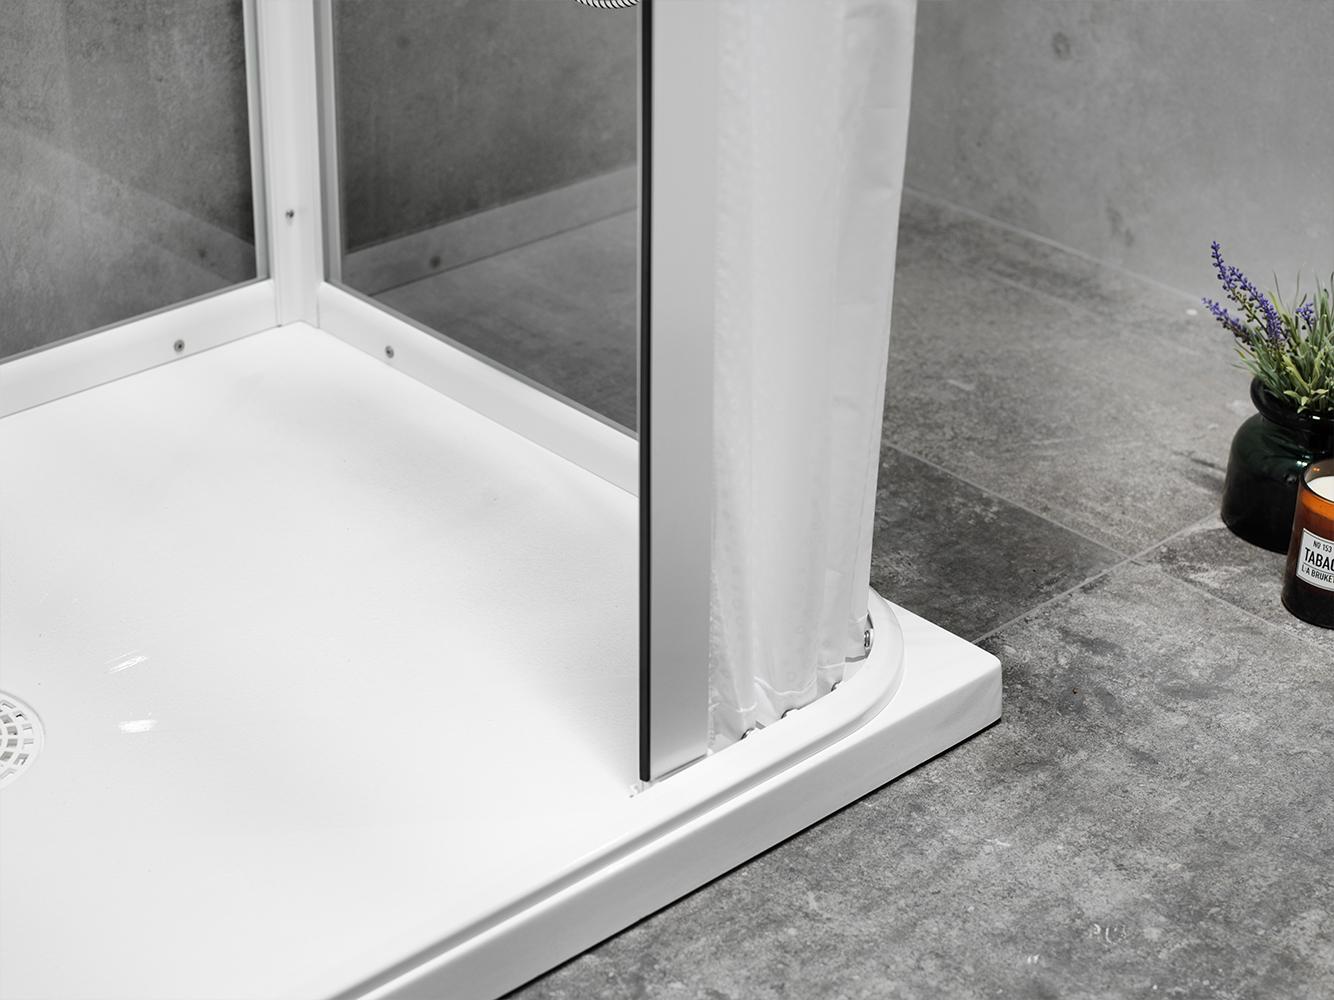 duschkabiner små utrymmen